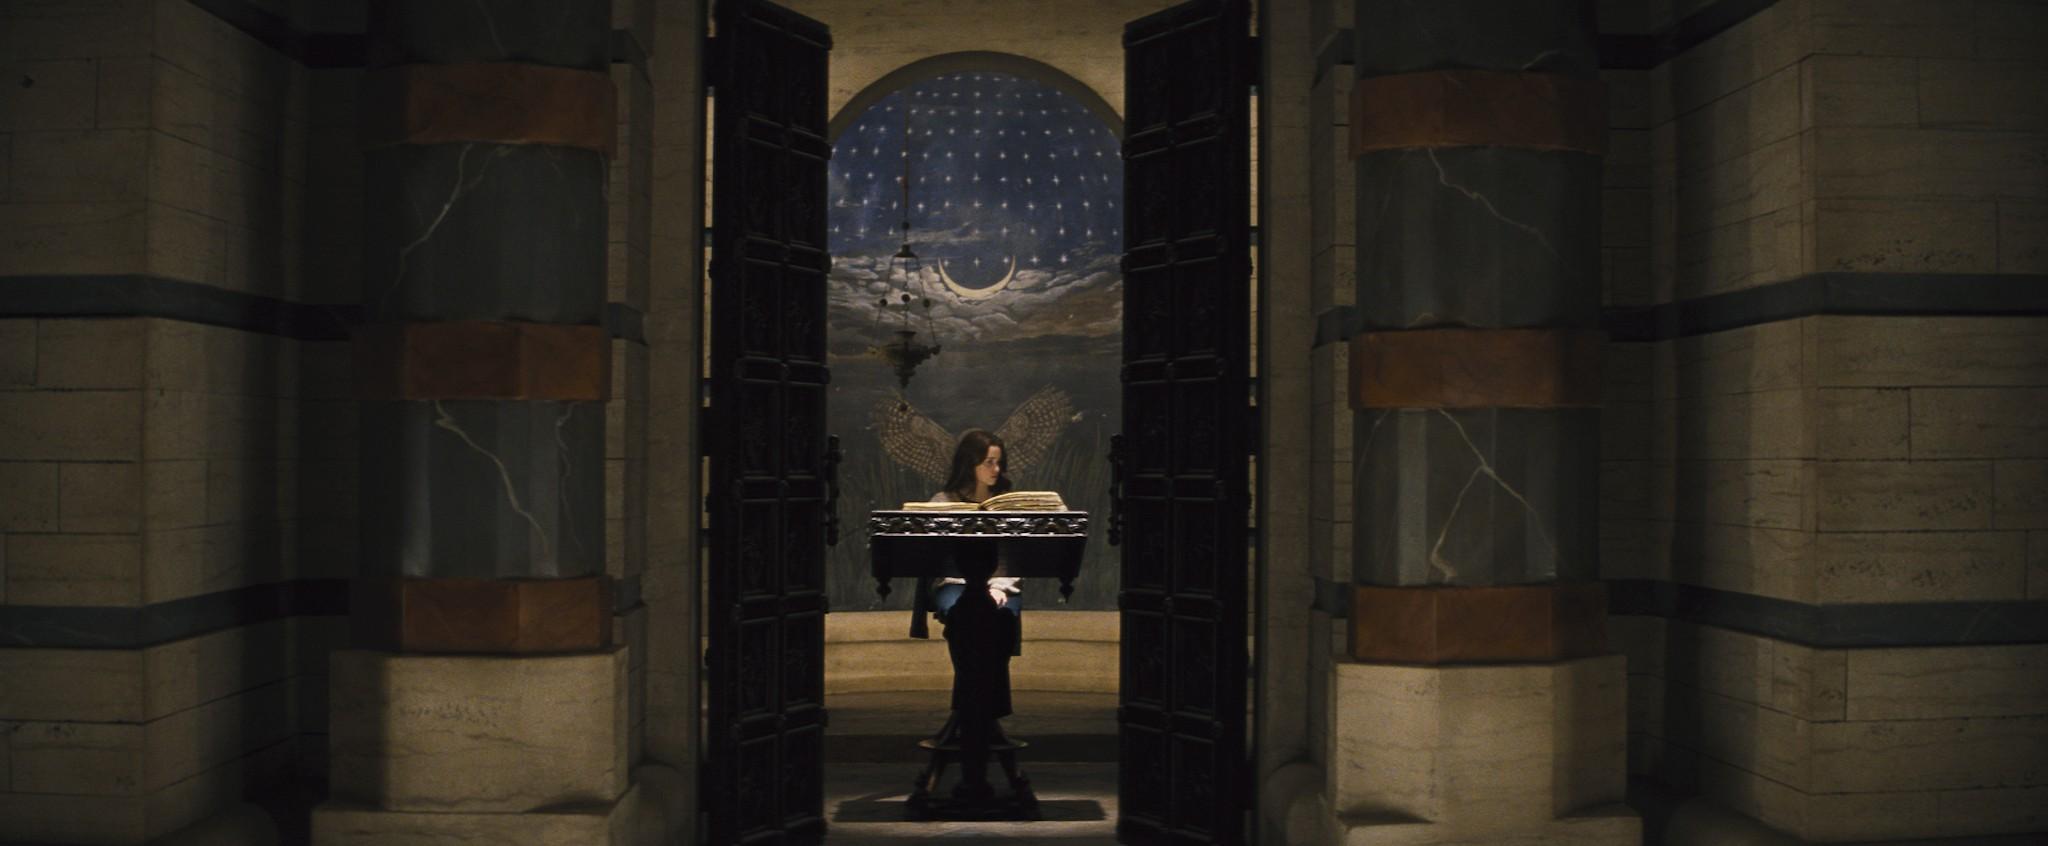 кадры из фильма Прекрасные создания Элис Энглерт,